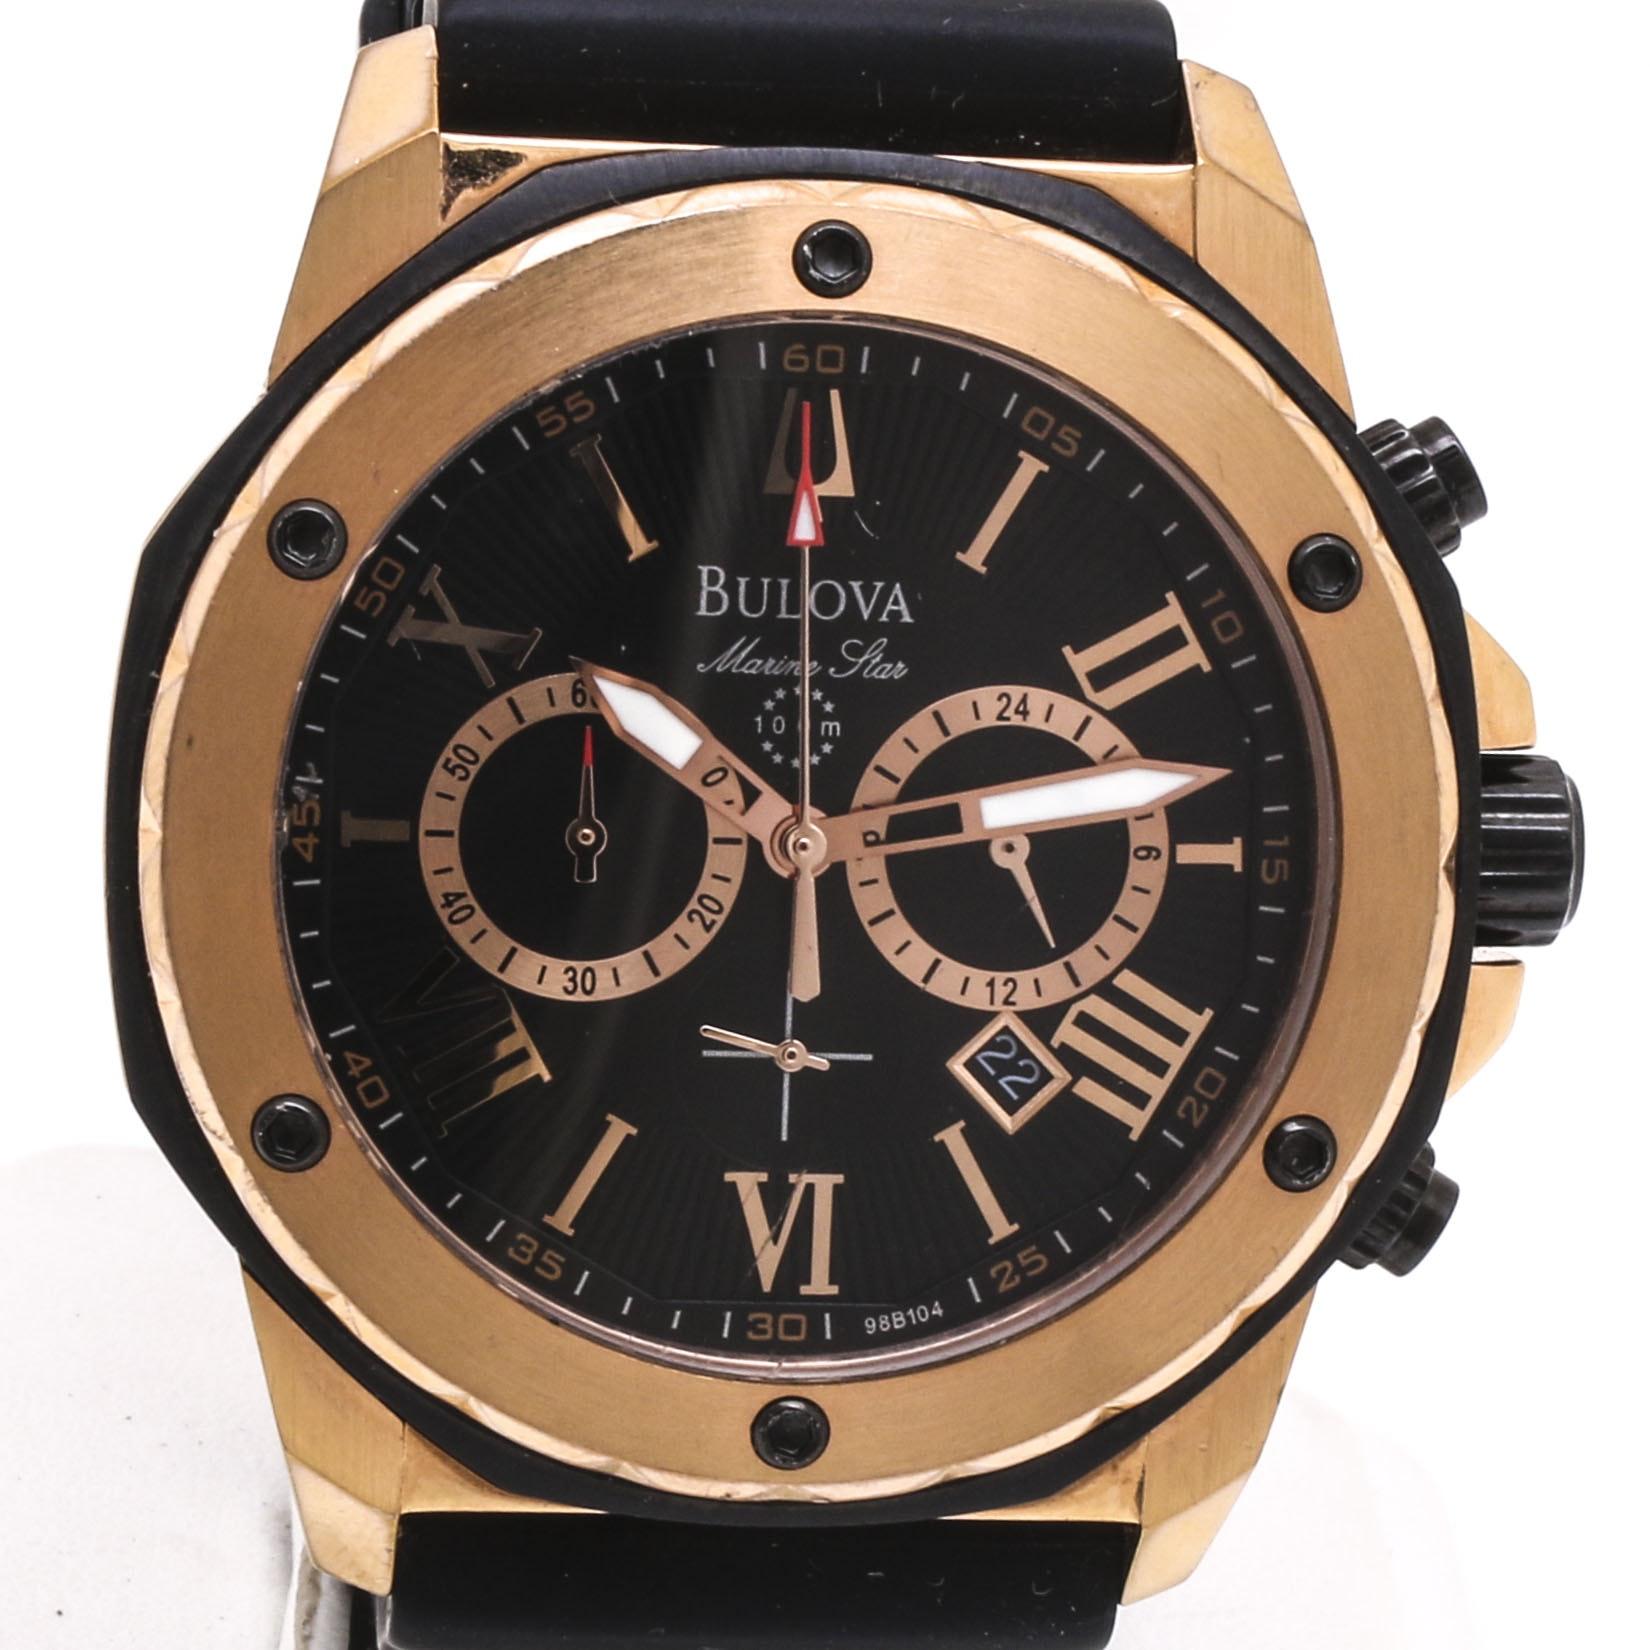 Bulova Marine Star Stainless Steel Wristwatch